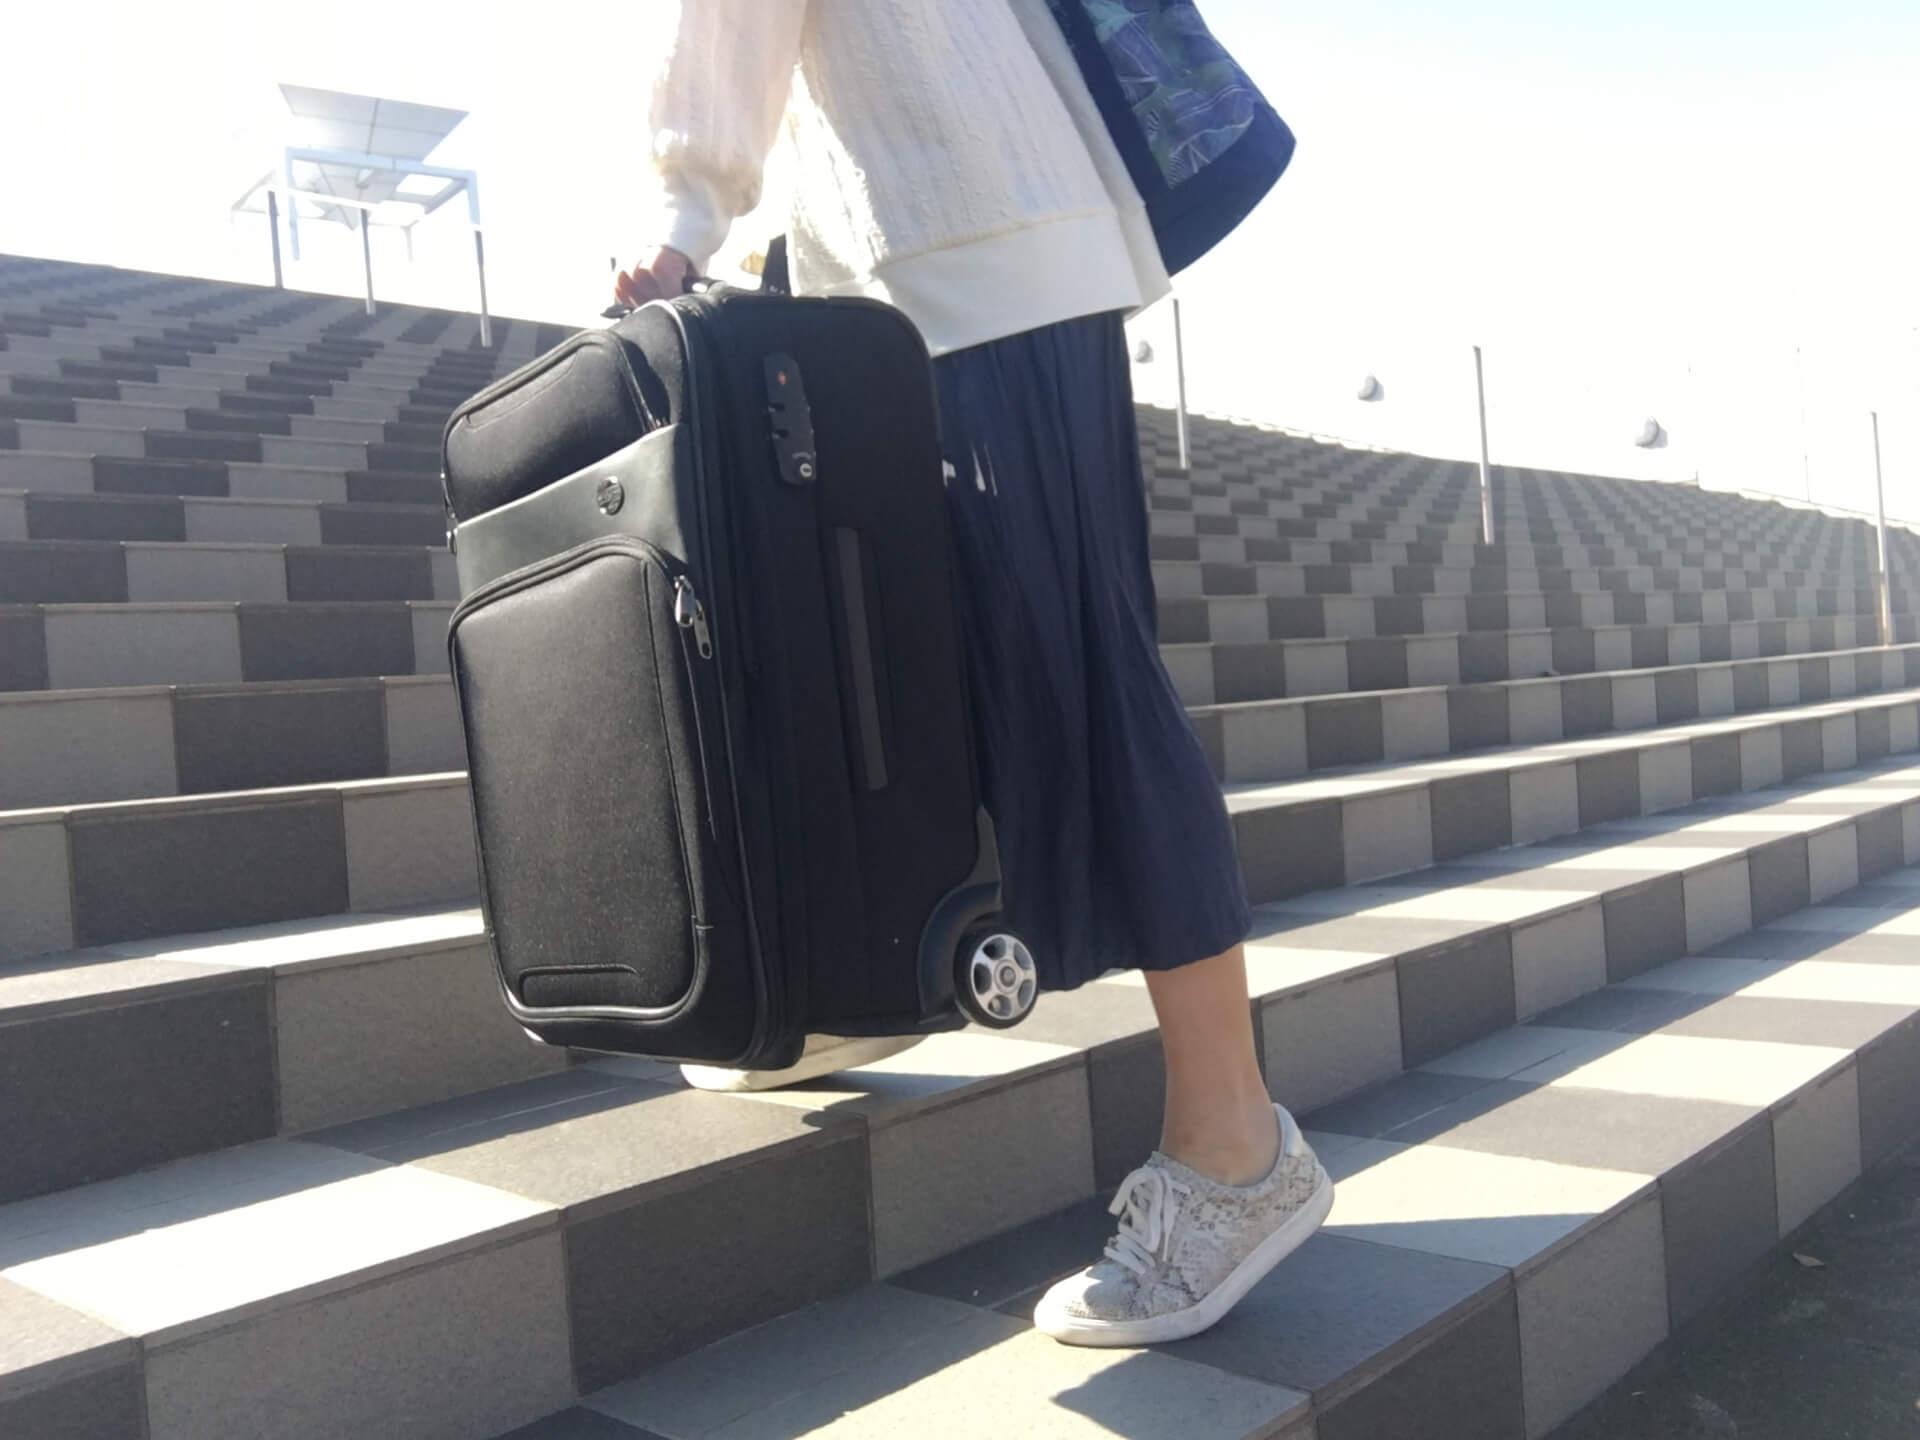 小さいスーツケースを持って階段を上るロングスカートを履いた女性